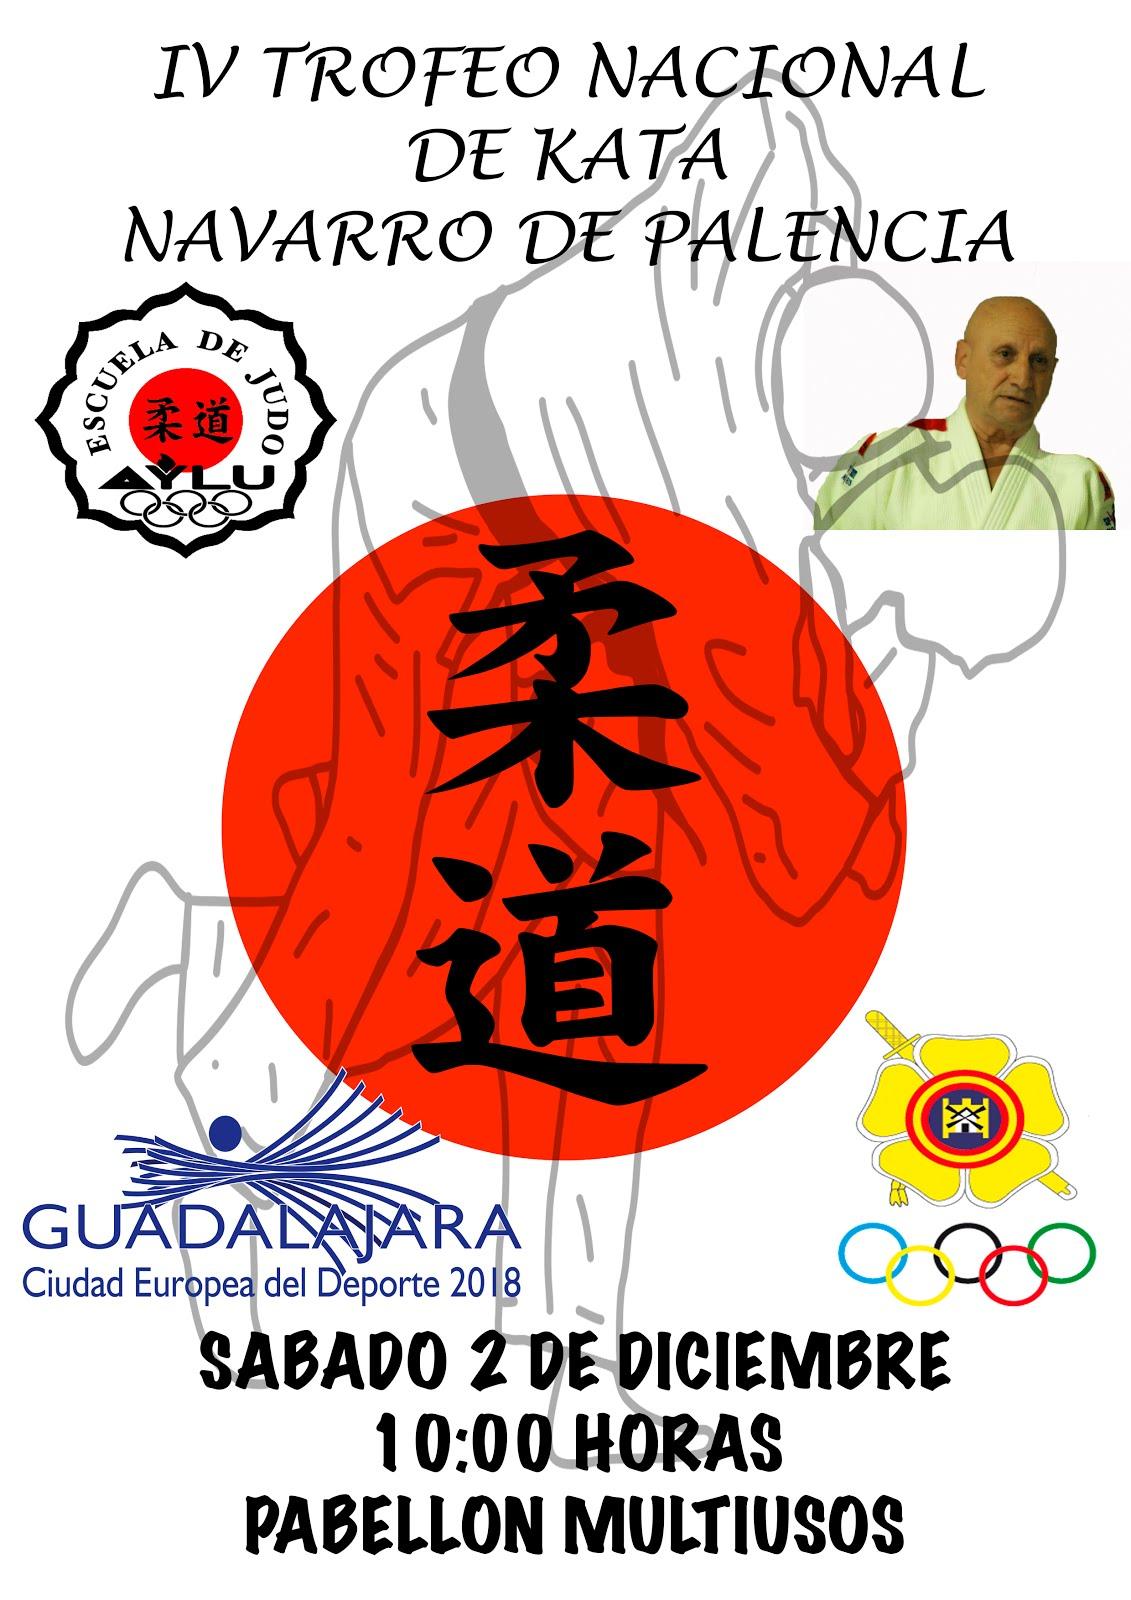 IV TROFEO NAVARRO DE PALENCIA